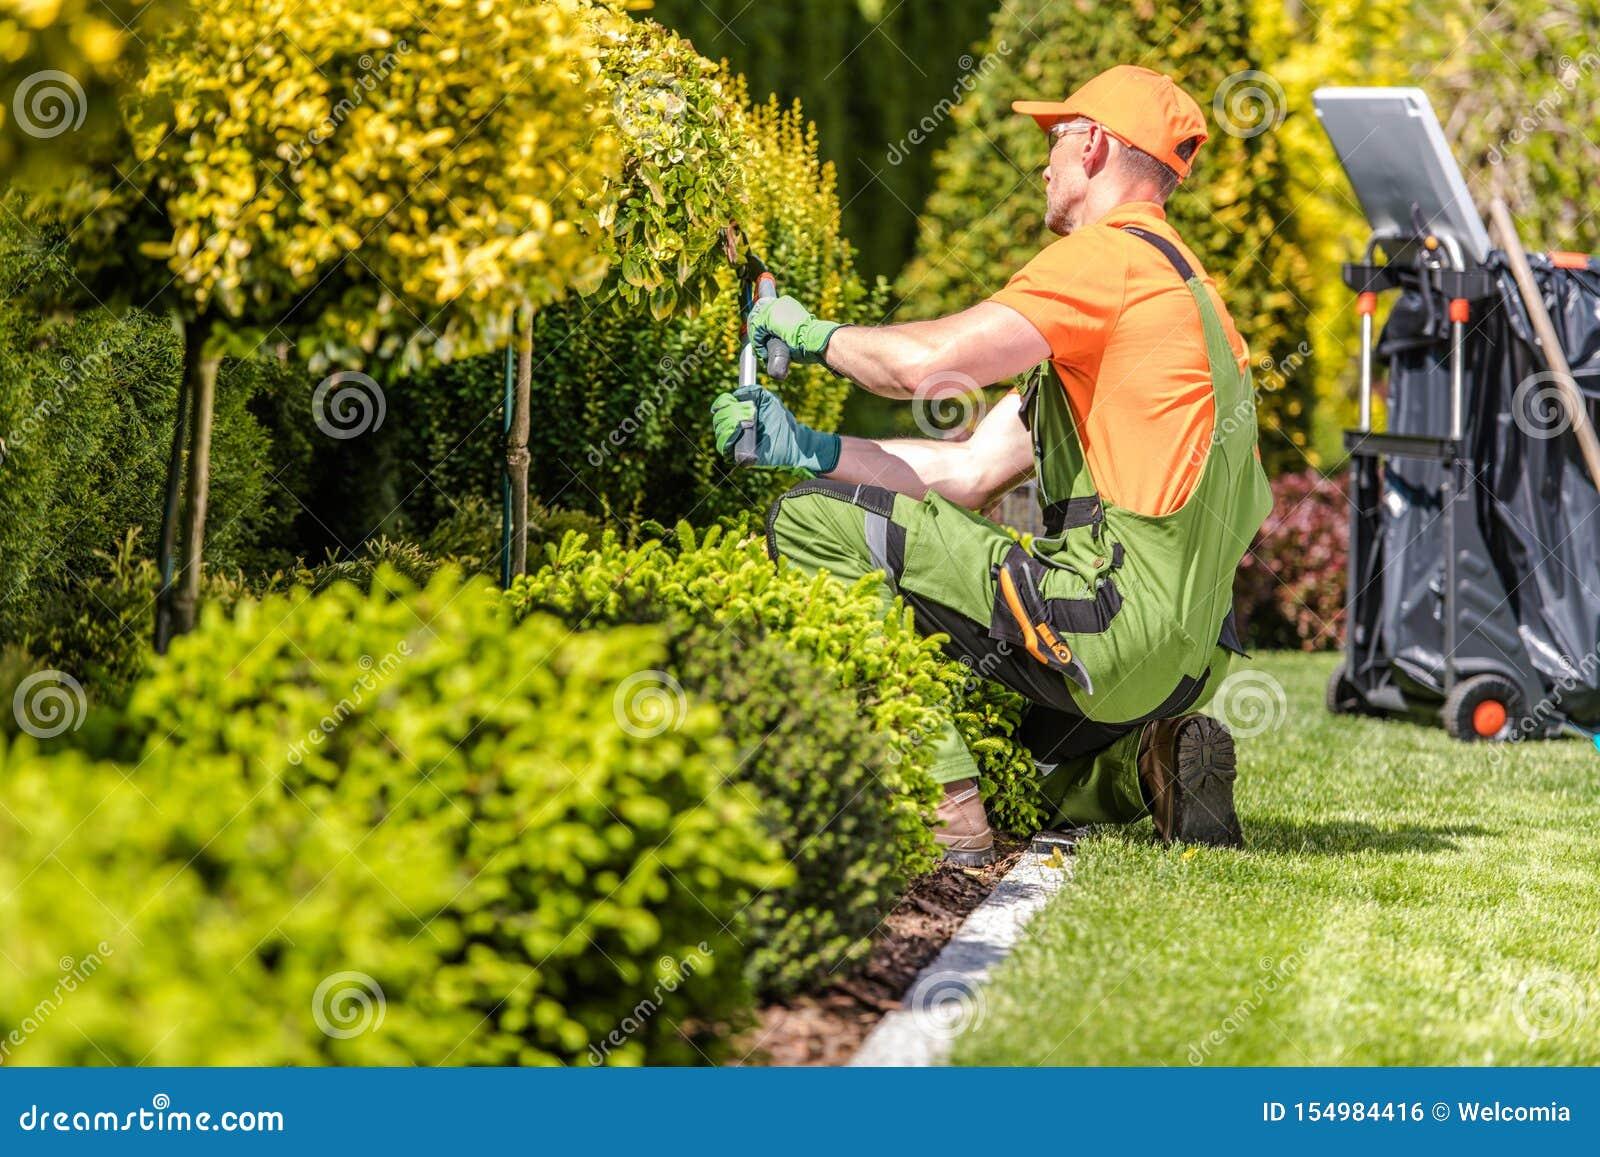 Lavoratore del giardino che sistema le piante